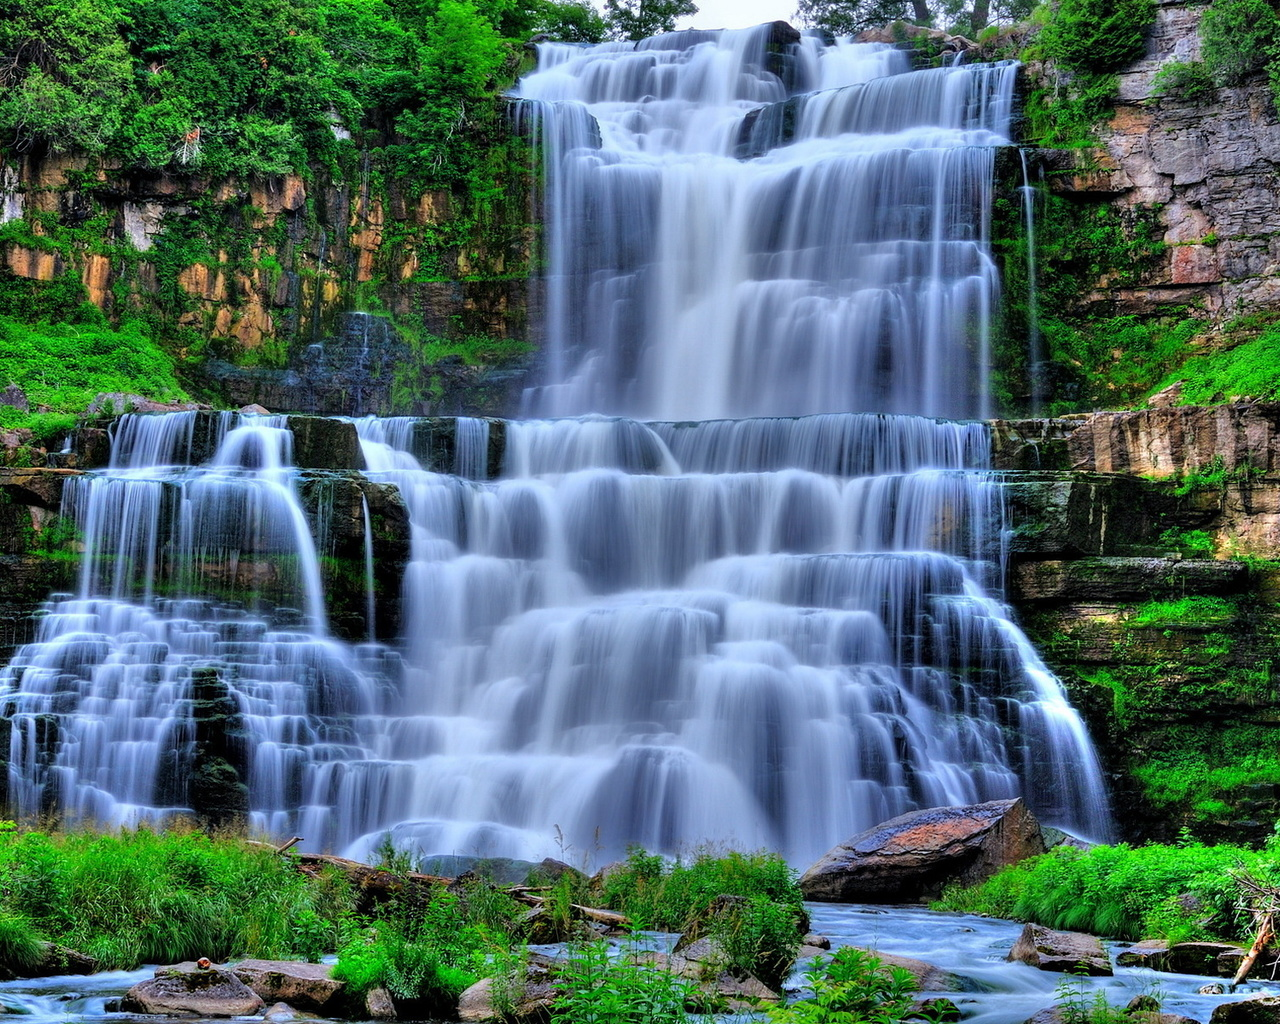 картинка трехслойный водопад важно